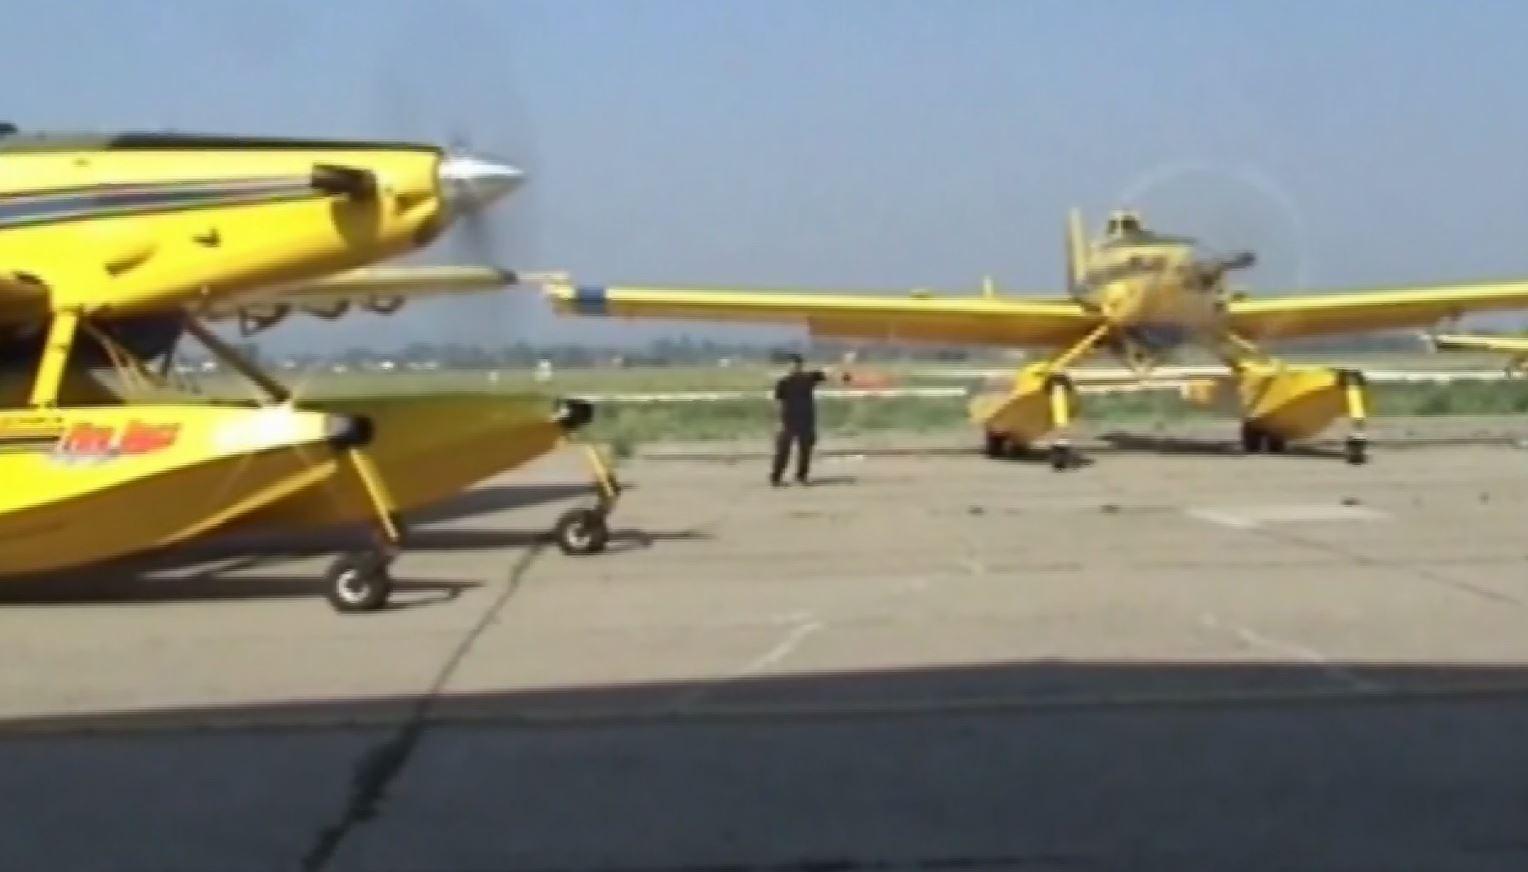 Rreziku nga zjarret  avionët në Maqedoninë e Veriut janë jashtë funksioni